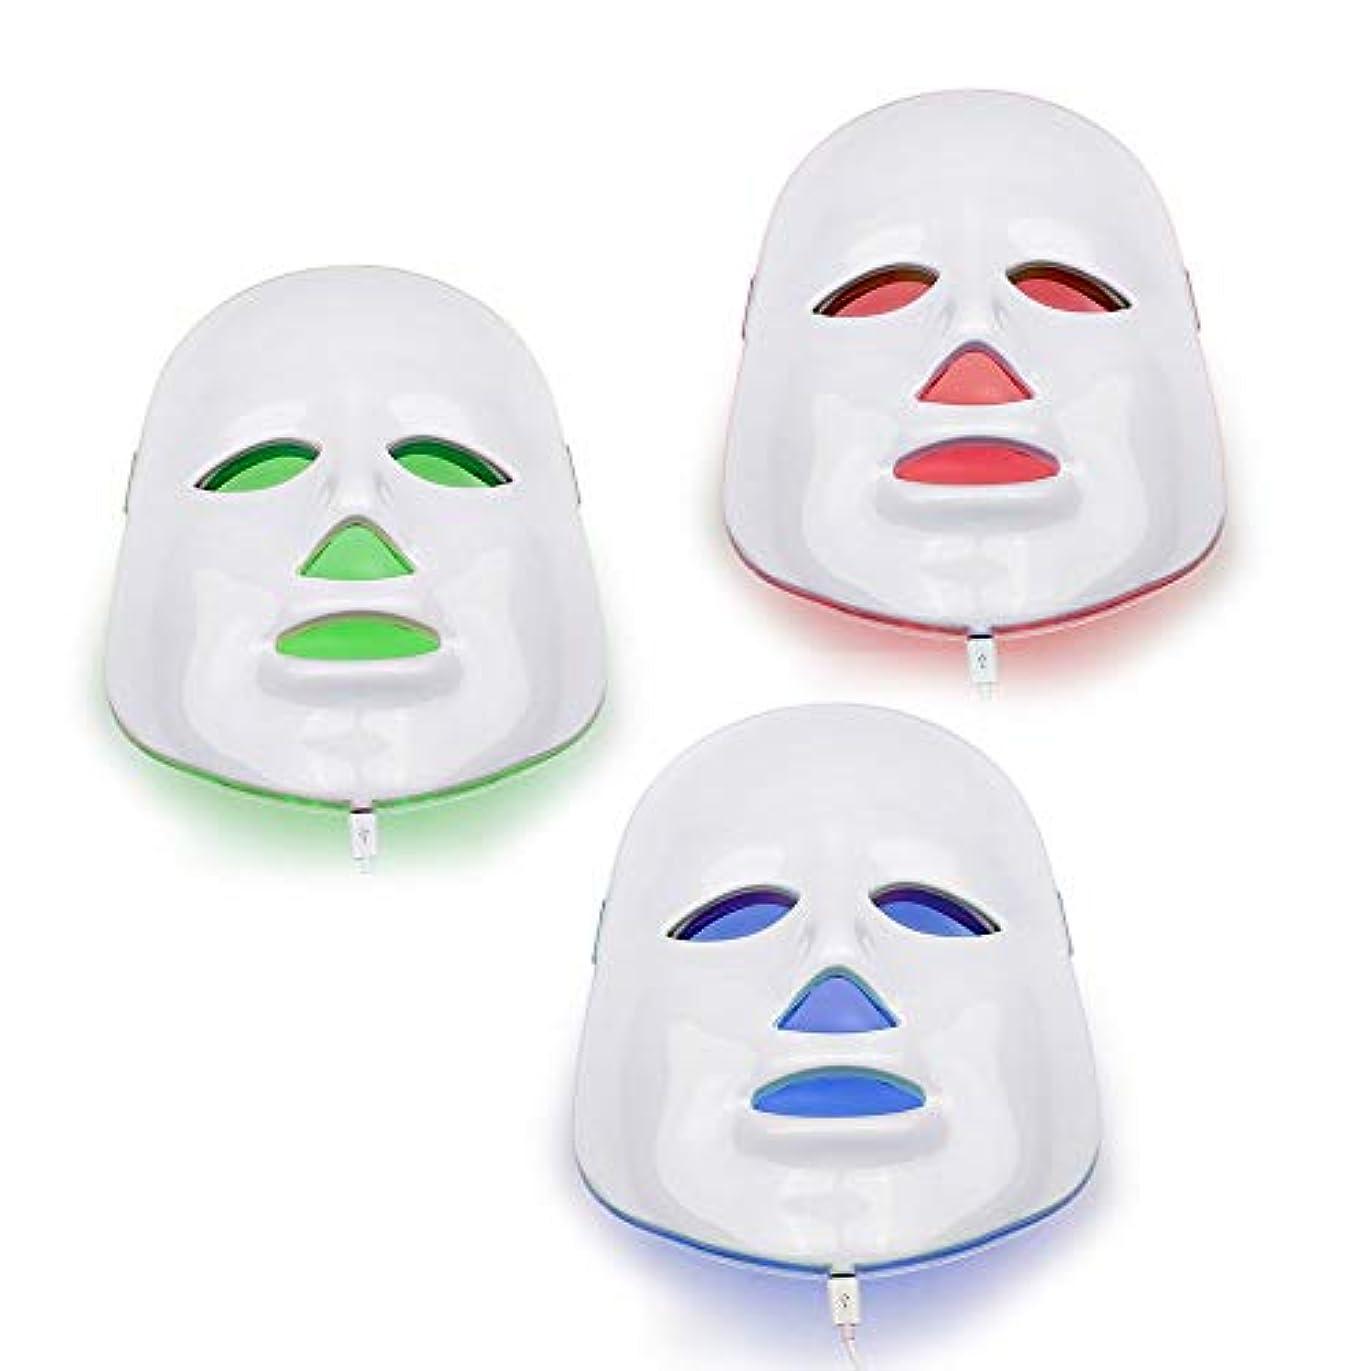 許されるマークダウン主婦NORLANYA BEAUTY EQUIPMENT マスク顔光線療法フェイシャルスキンケアマスカラは皮膚 調色しわ除去 用 光を主導主導しました